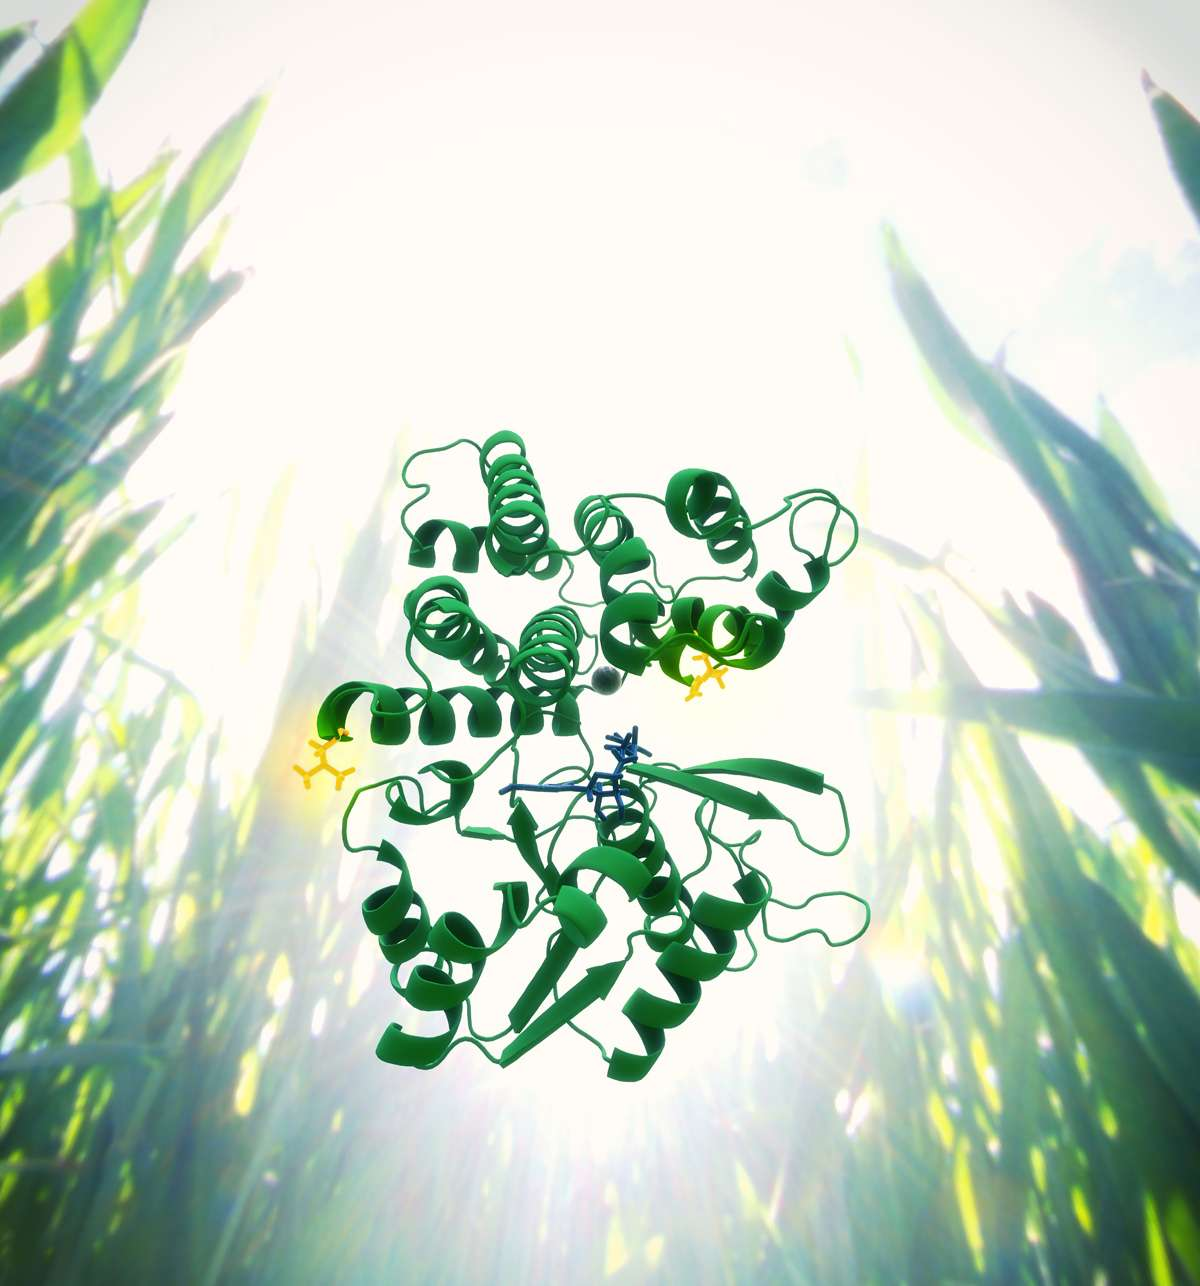 Un gène mutant, représenté ici sous la forme protéique, permet d'améliorer le rendement de la bactérie Clostridium thermocellum pour la synthèse d'éthanol. © T. Splettstoesser, scistyle.com, DR